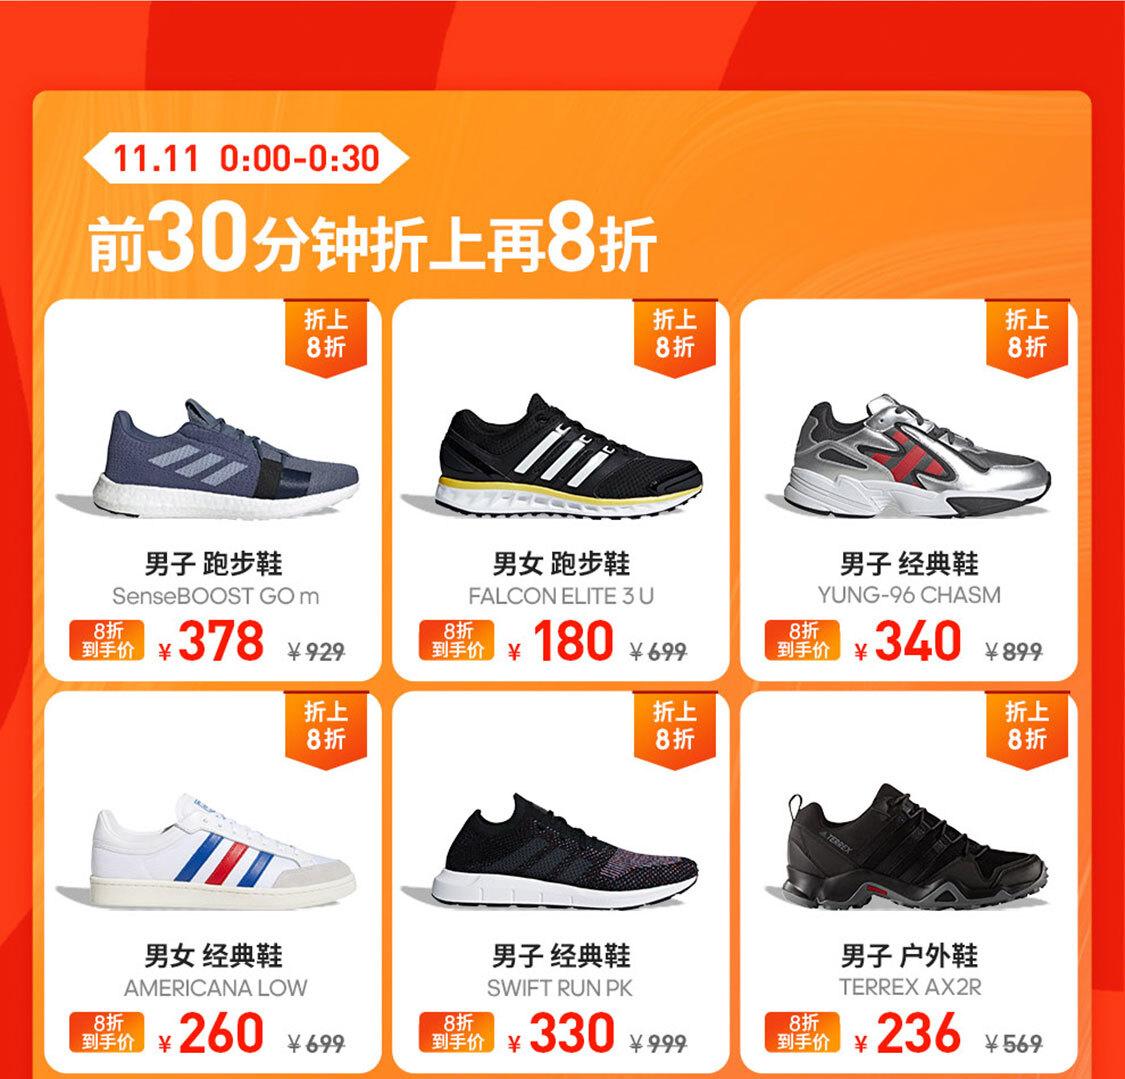 0点,前30分钟:京东商城  阿迪达斯旗舰店   最高满1000减600元